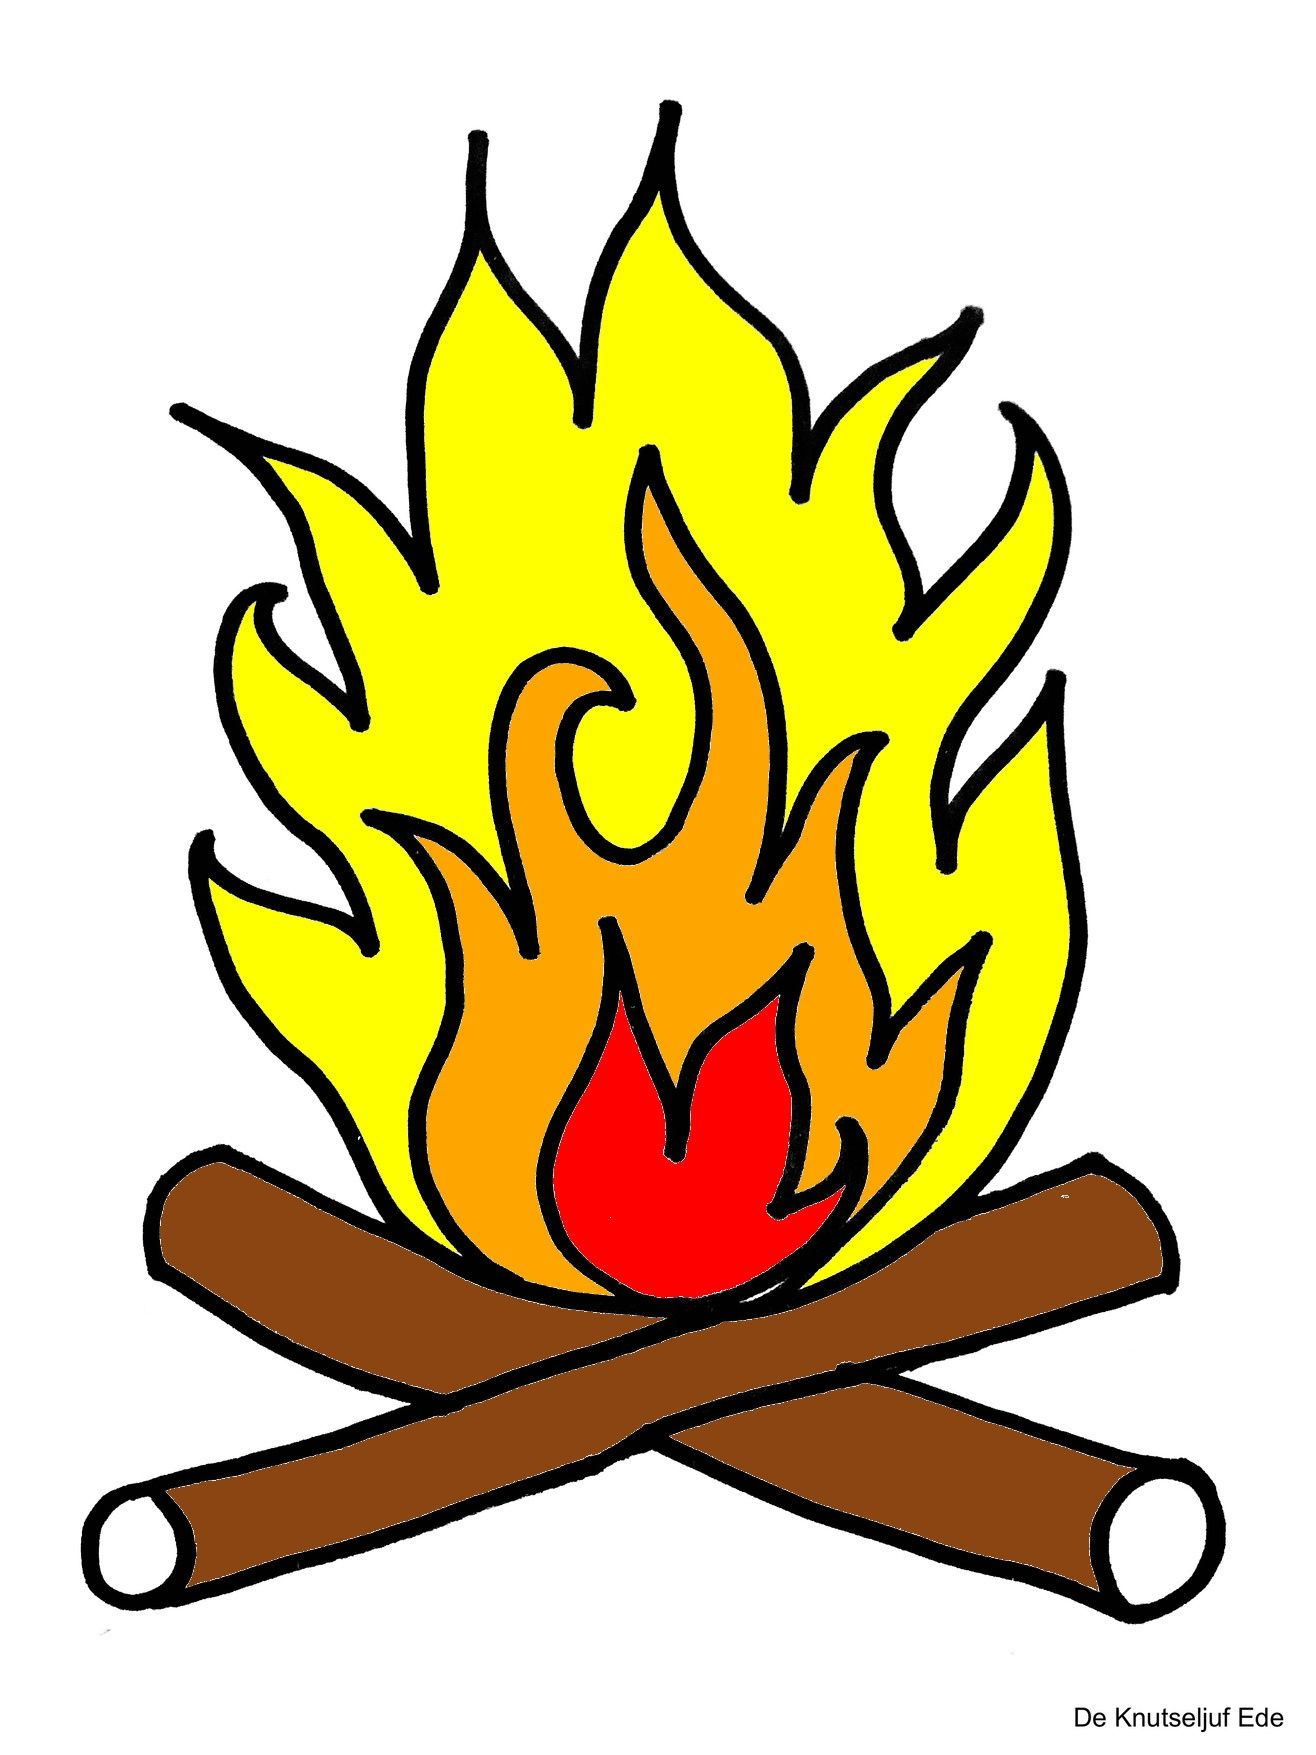 Kleurplaten Brandweer Kleurplaten Kleurplaat Kleurplaten Brandweer Thema Brandweer Brandweer Knutselen Brand Brandweer Brandweerwagen Kleurplaten